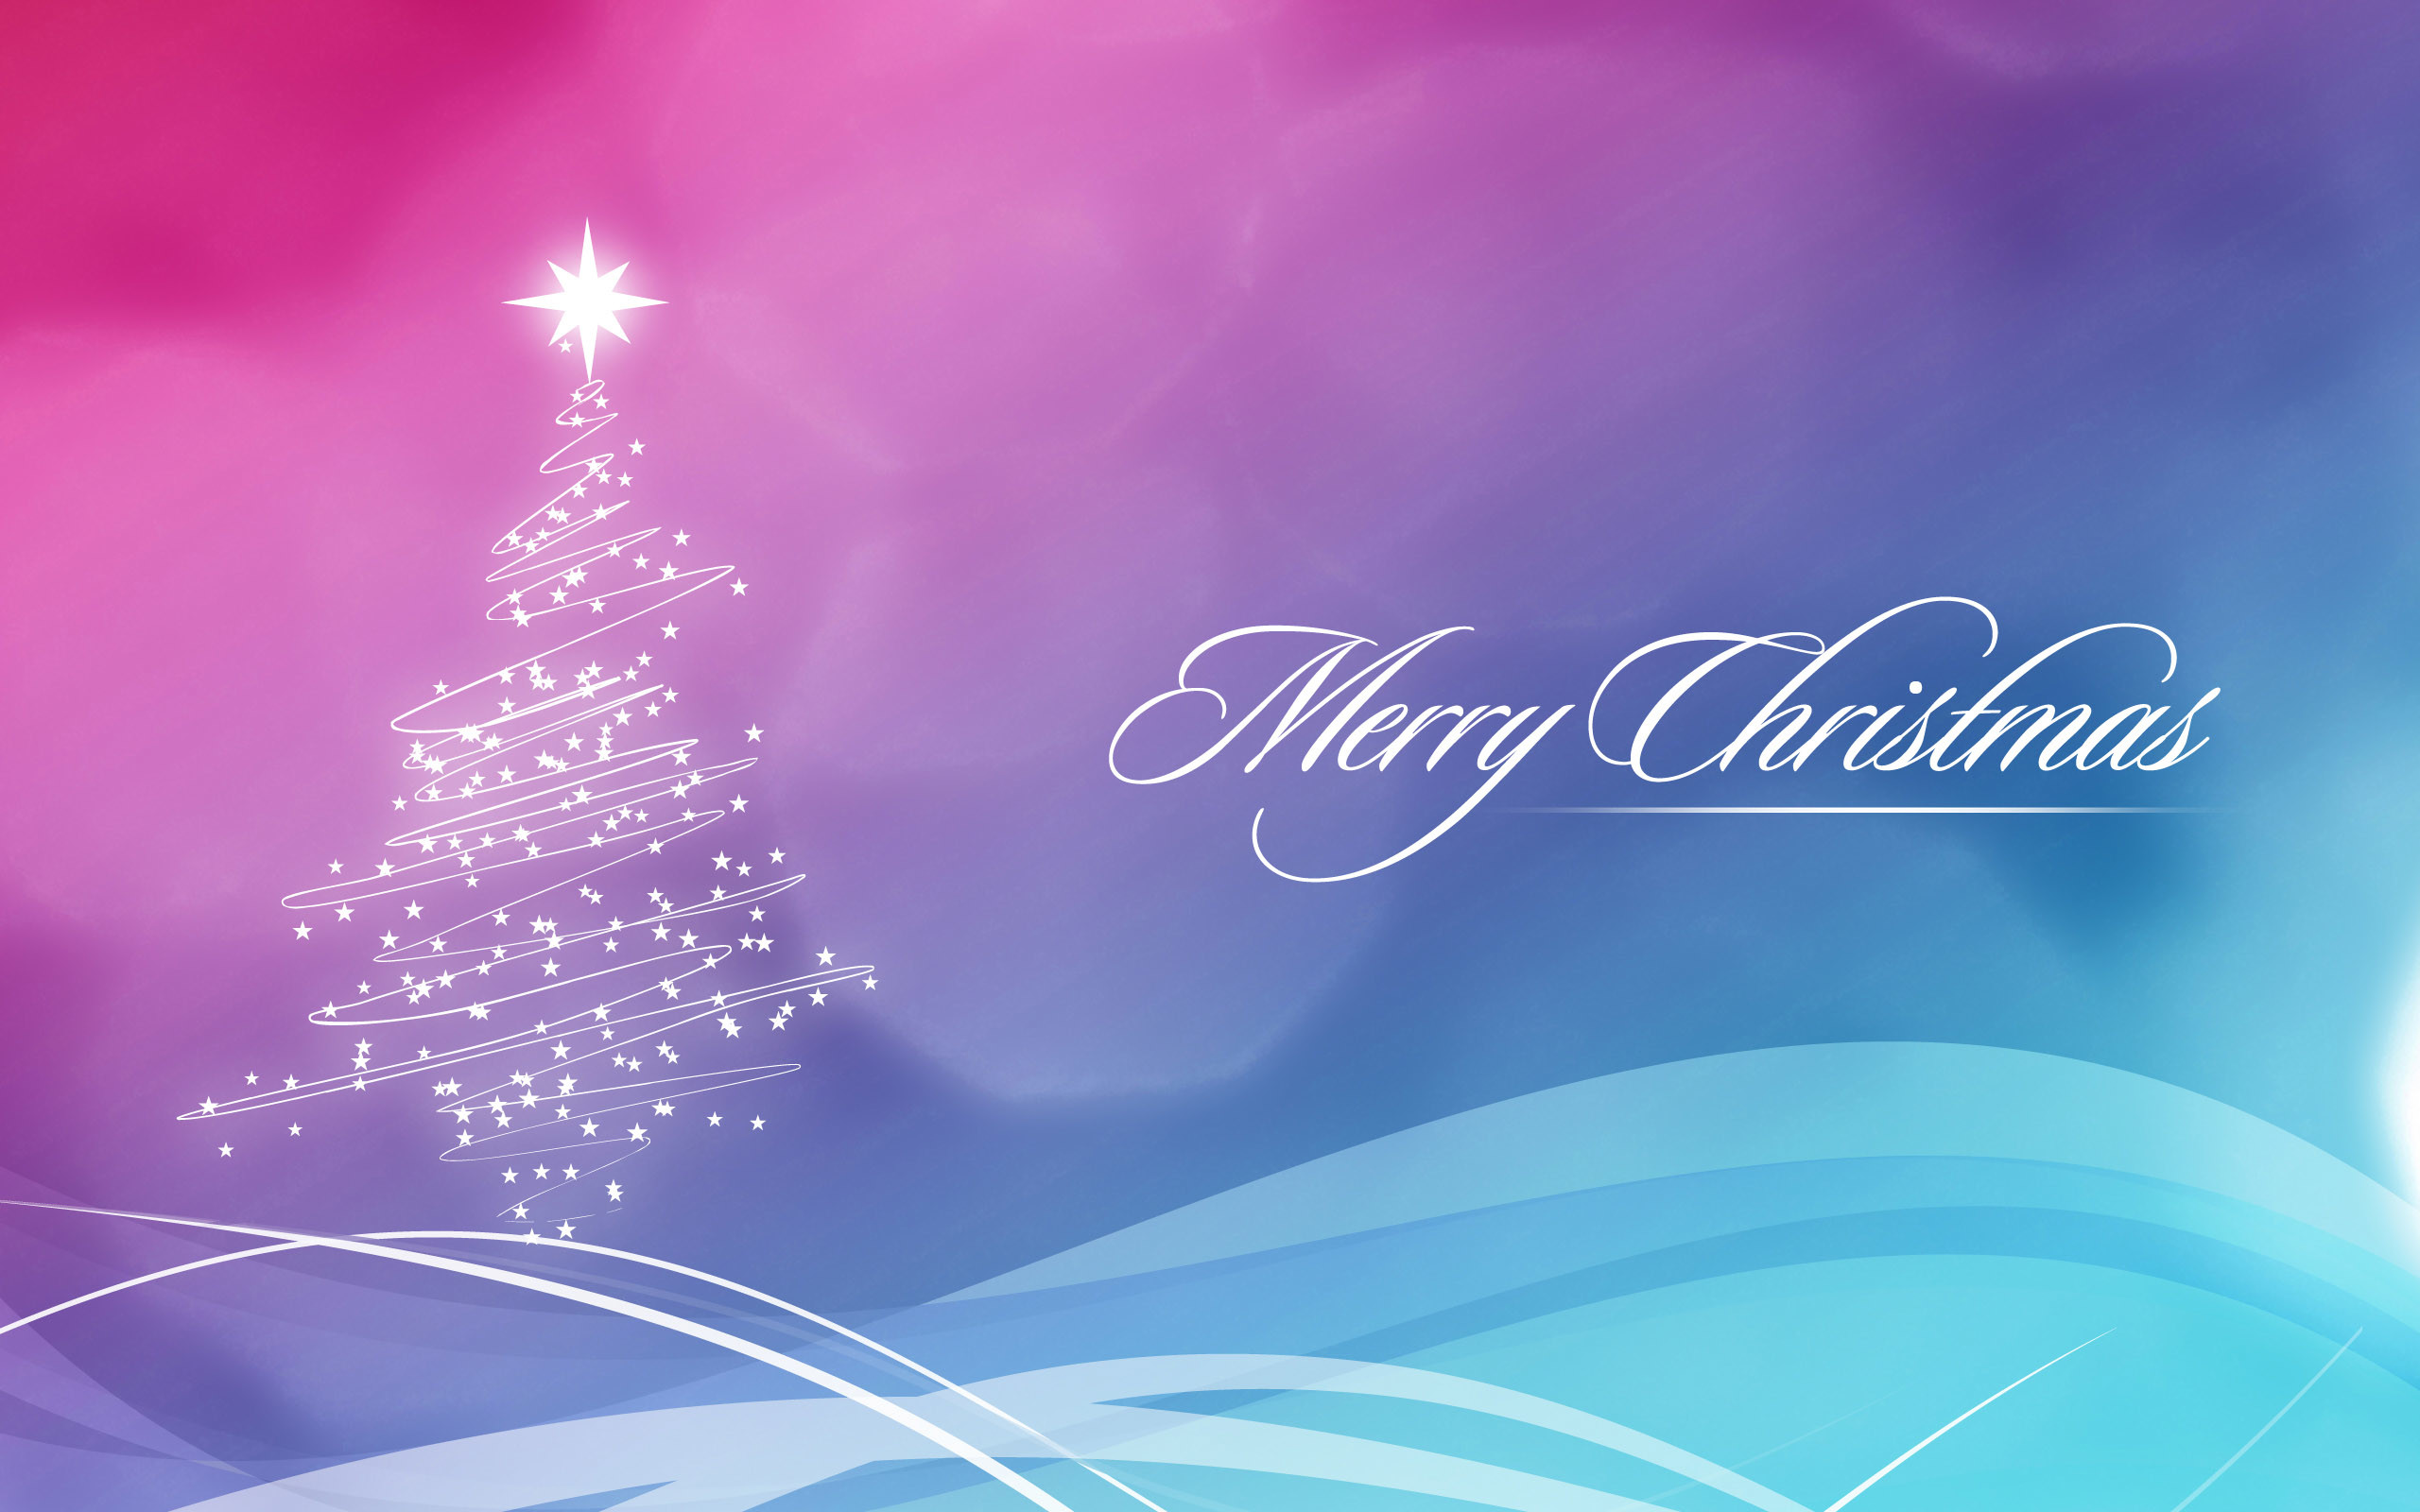 Merry Christmas Widescreen Wallpaper 2560×1600